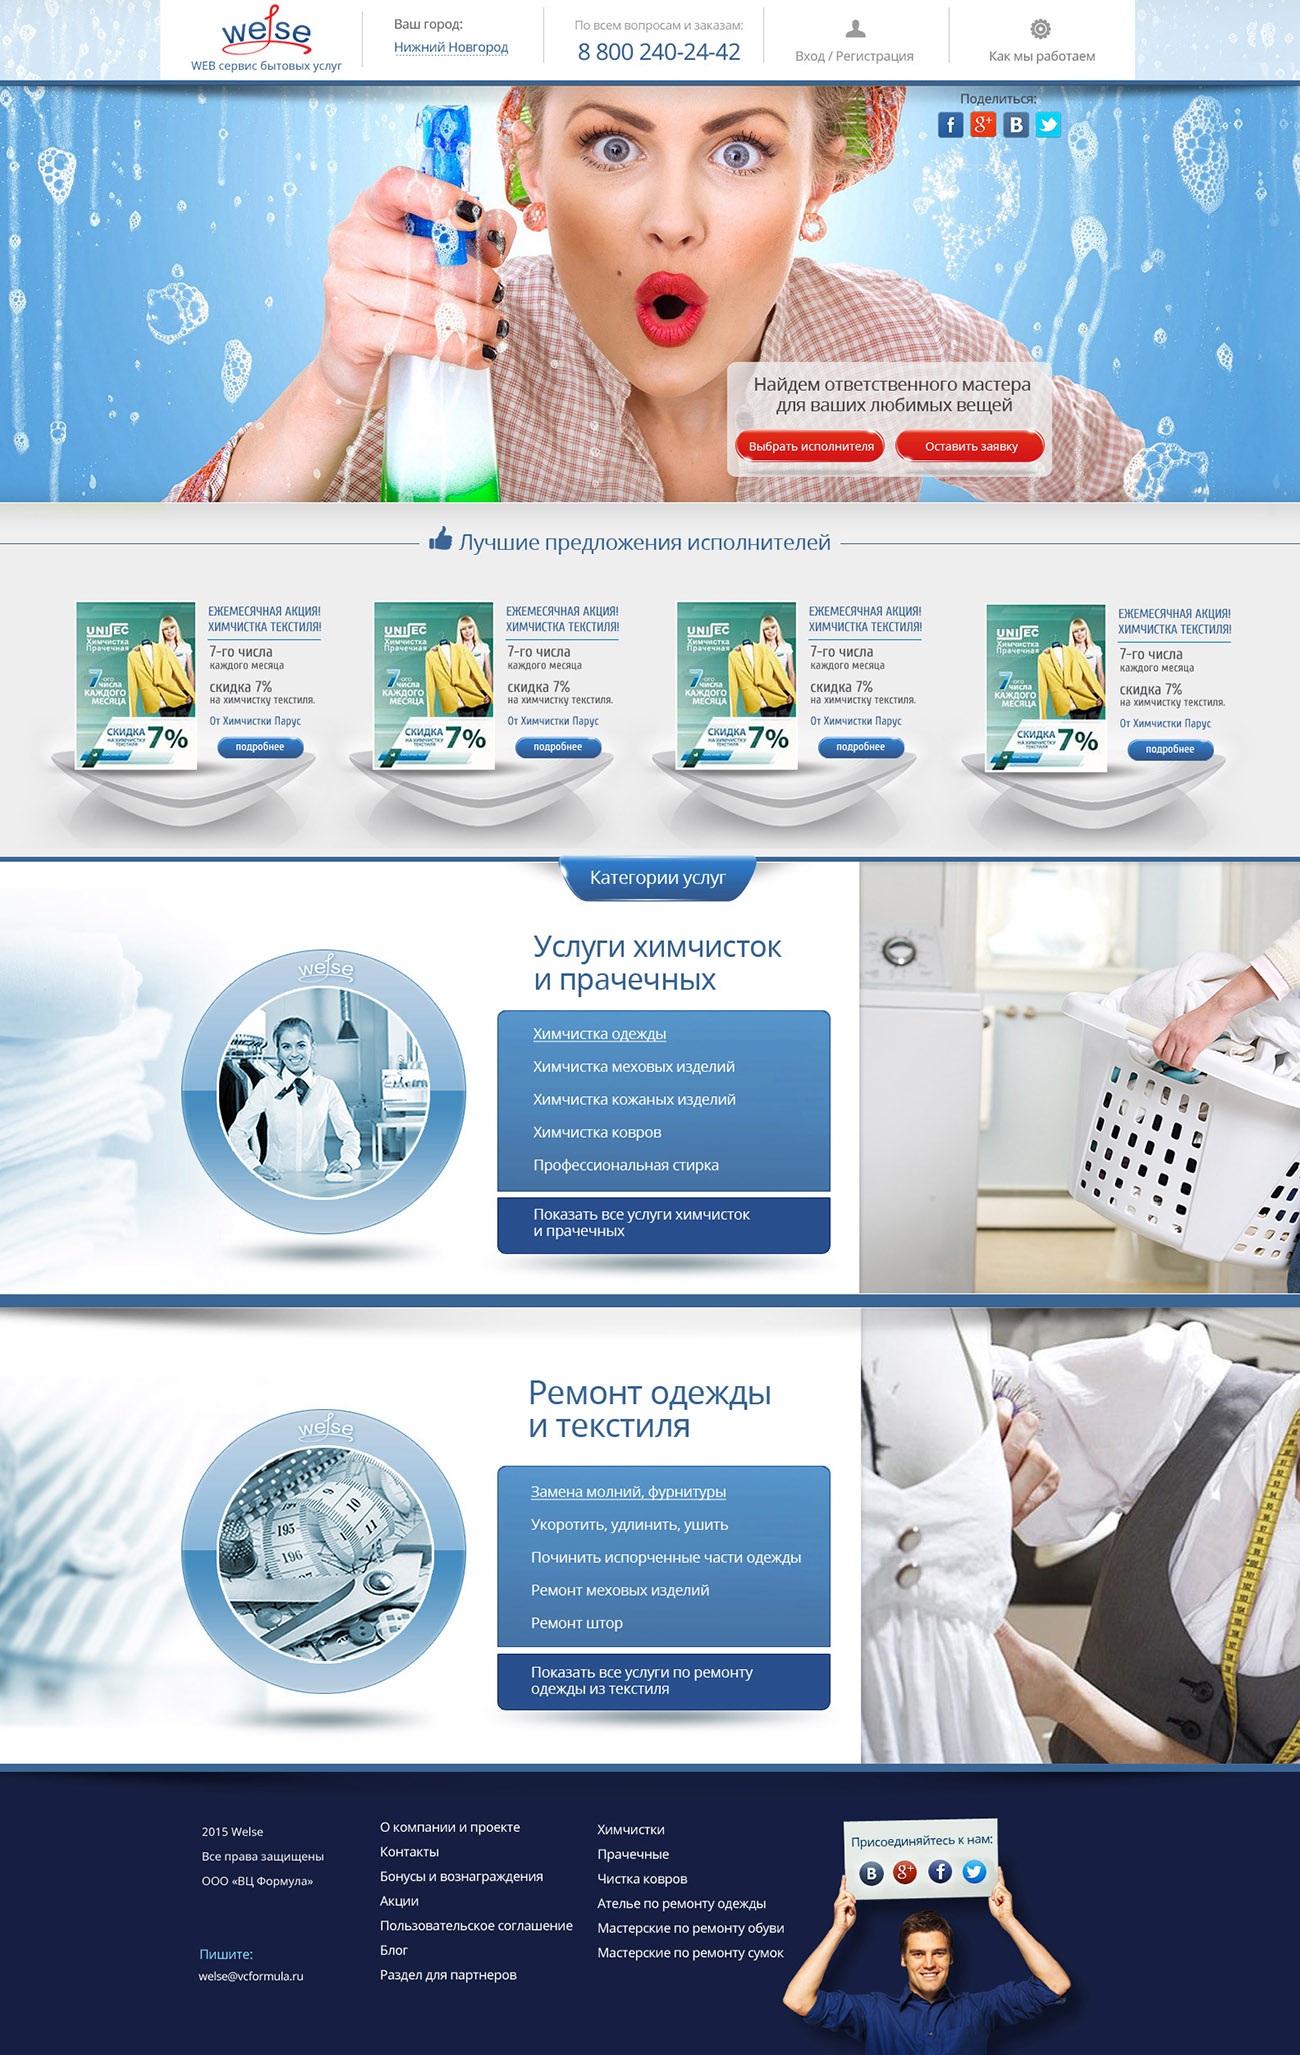 Дизайн сайта Велсе